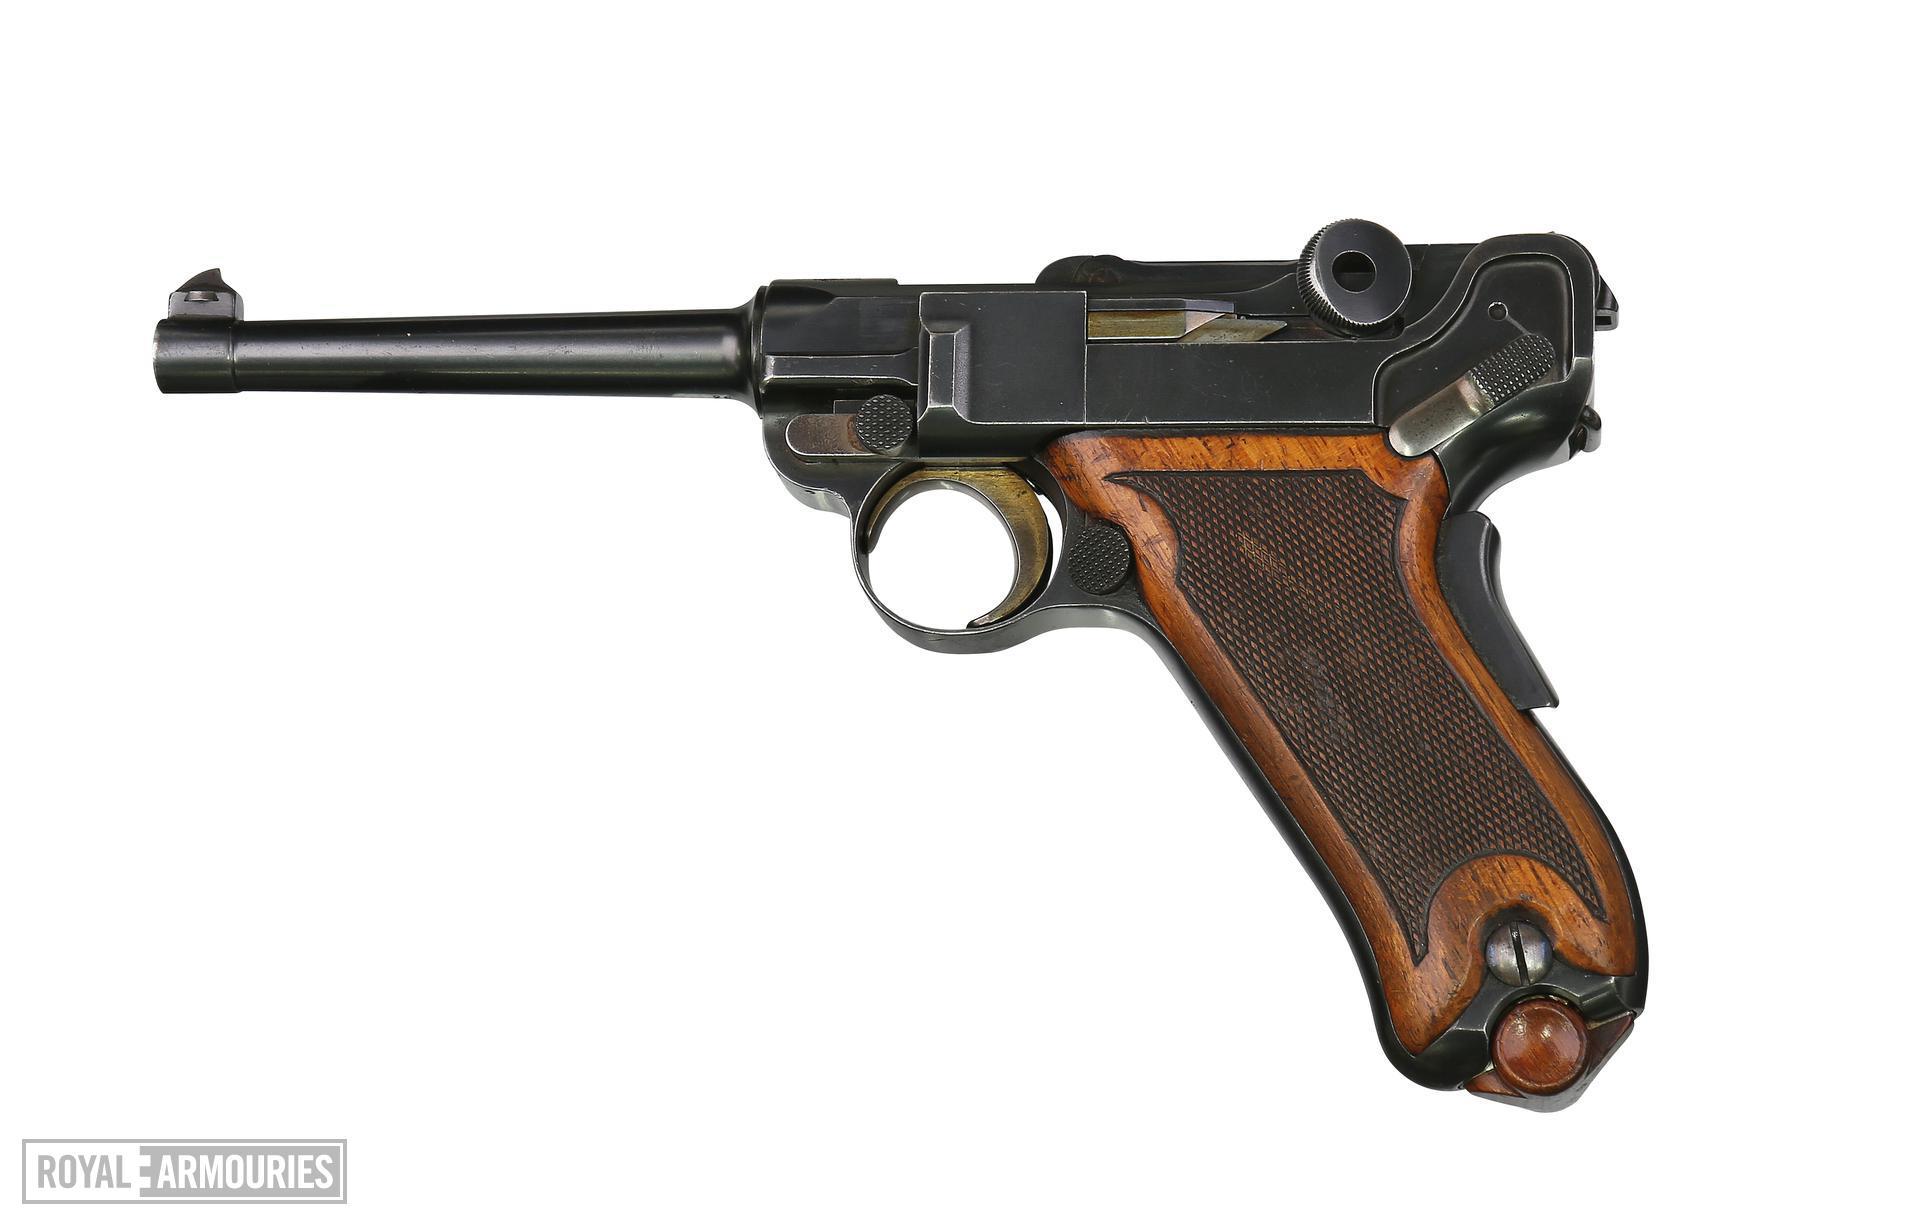 Centrefire self-loading pistol - Luger Model 1899